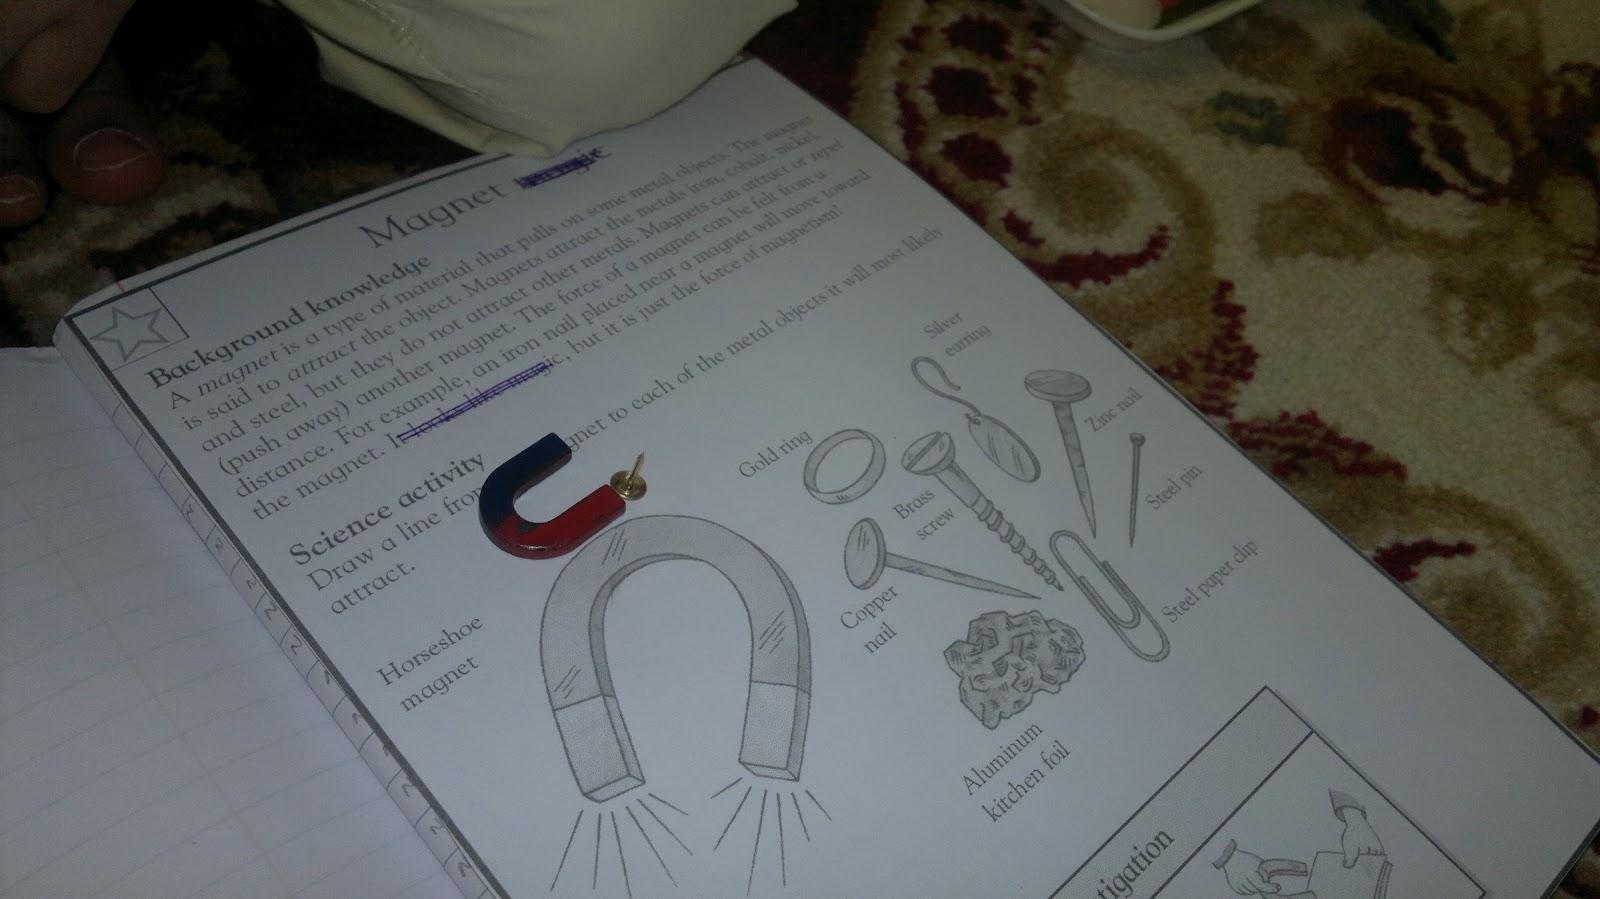 Umm Maimoonah S Journal Materials Magnet